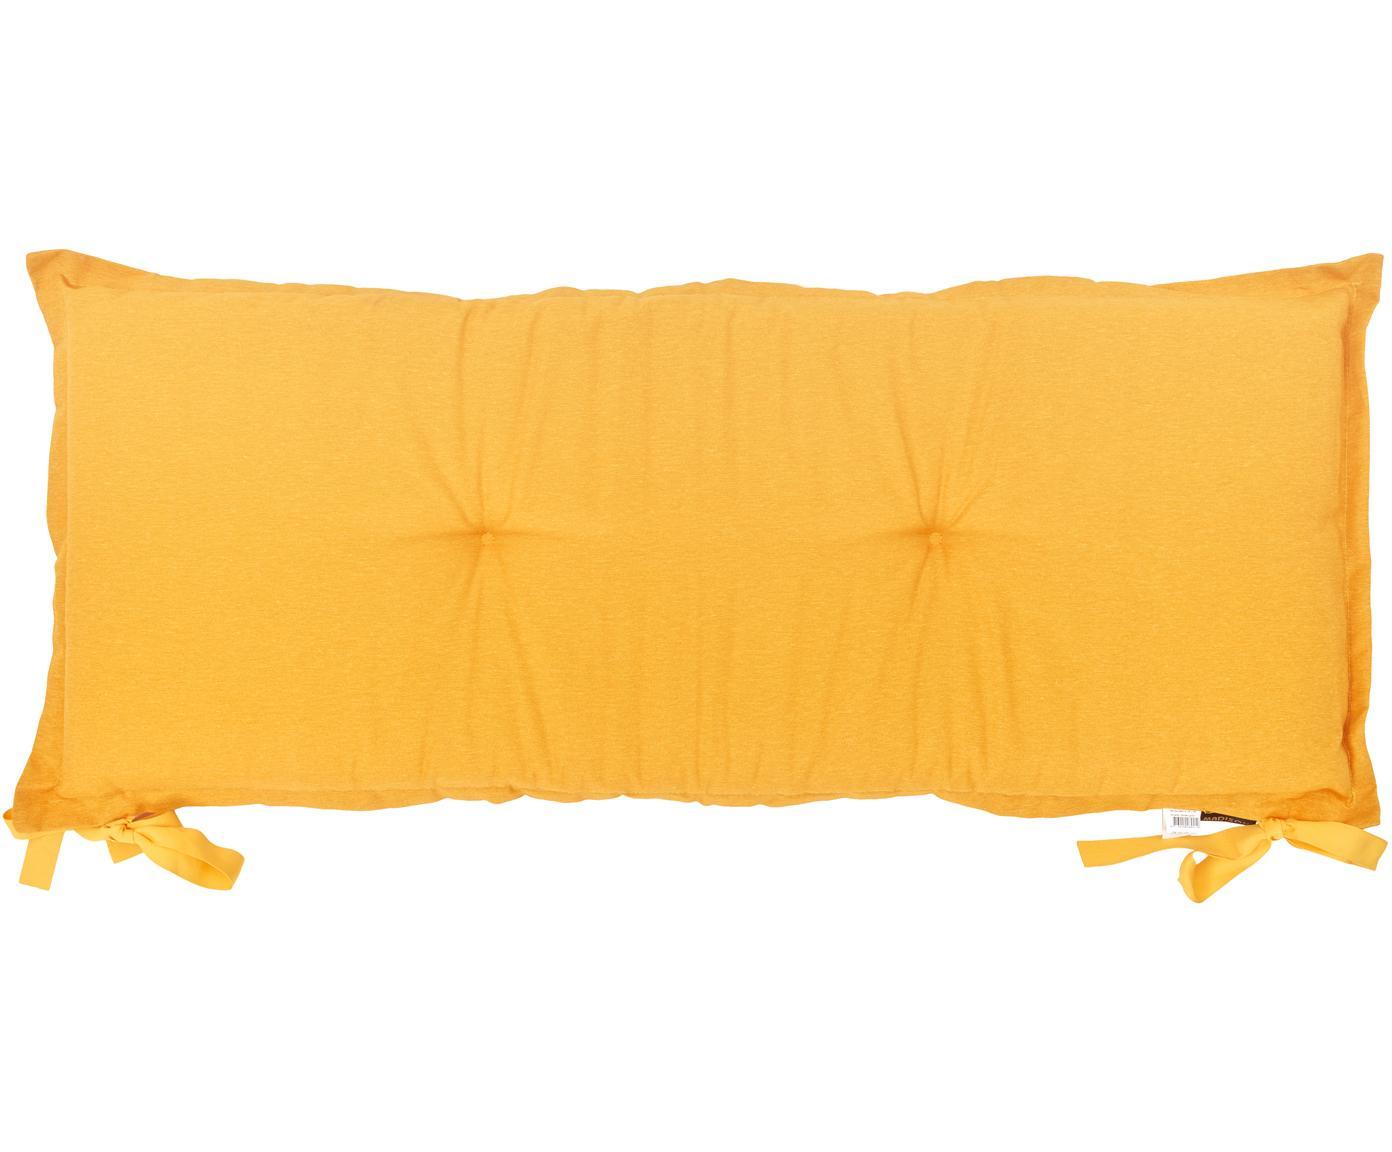 Cuscino sedia lungo Panama, 50% cotone, 45% poliestere, 5% altre fibre, Giallo, Larg. 48 x Lung. 150 cm